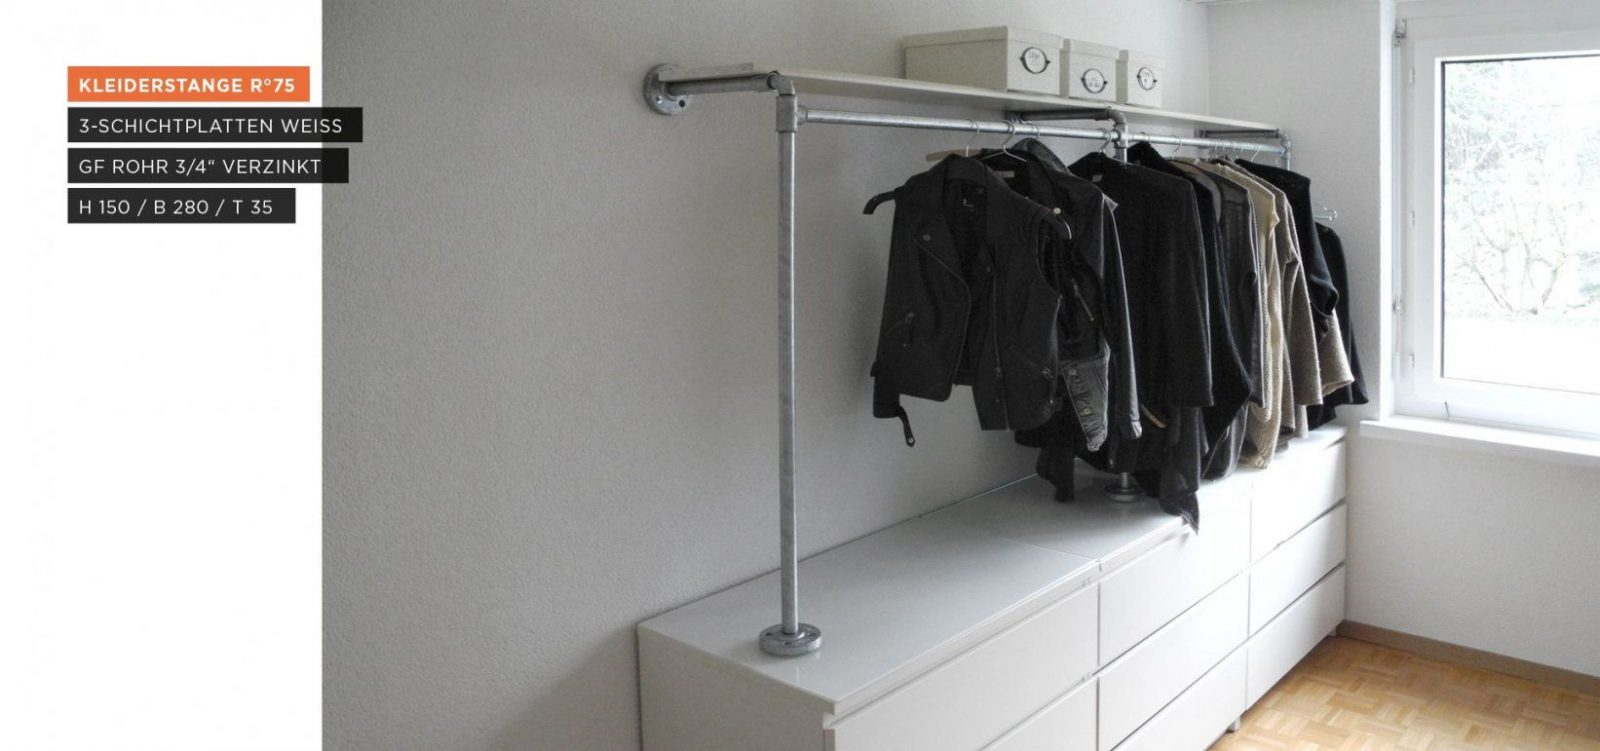 Begehbarer Kleiderschrank  Kleiderstange Auf Sideboard von Kleiderständer Aus Rohren Selber Bauen Bild